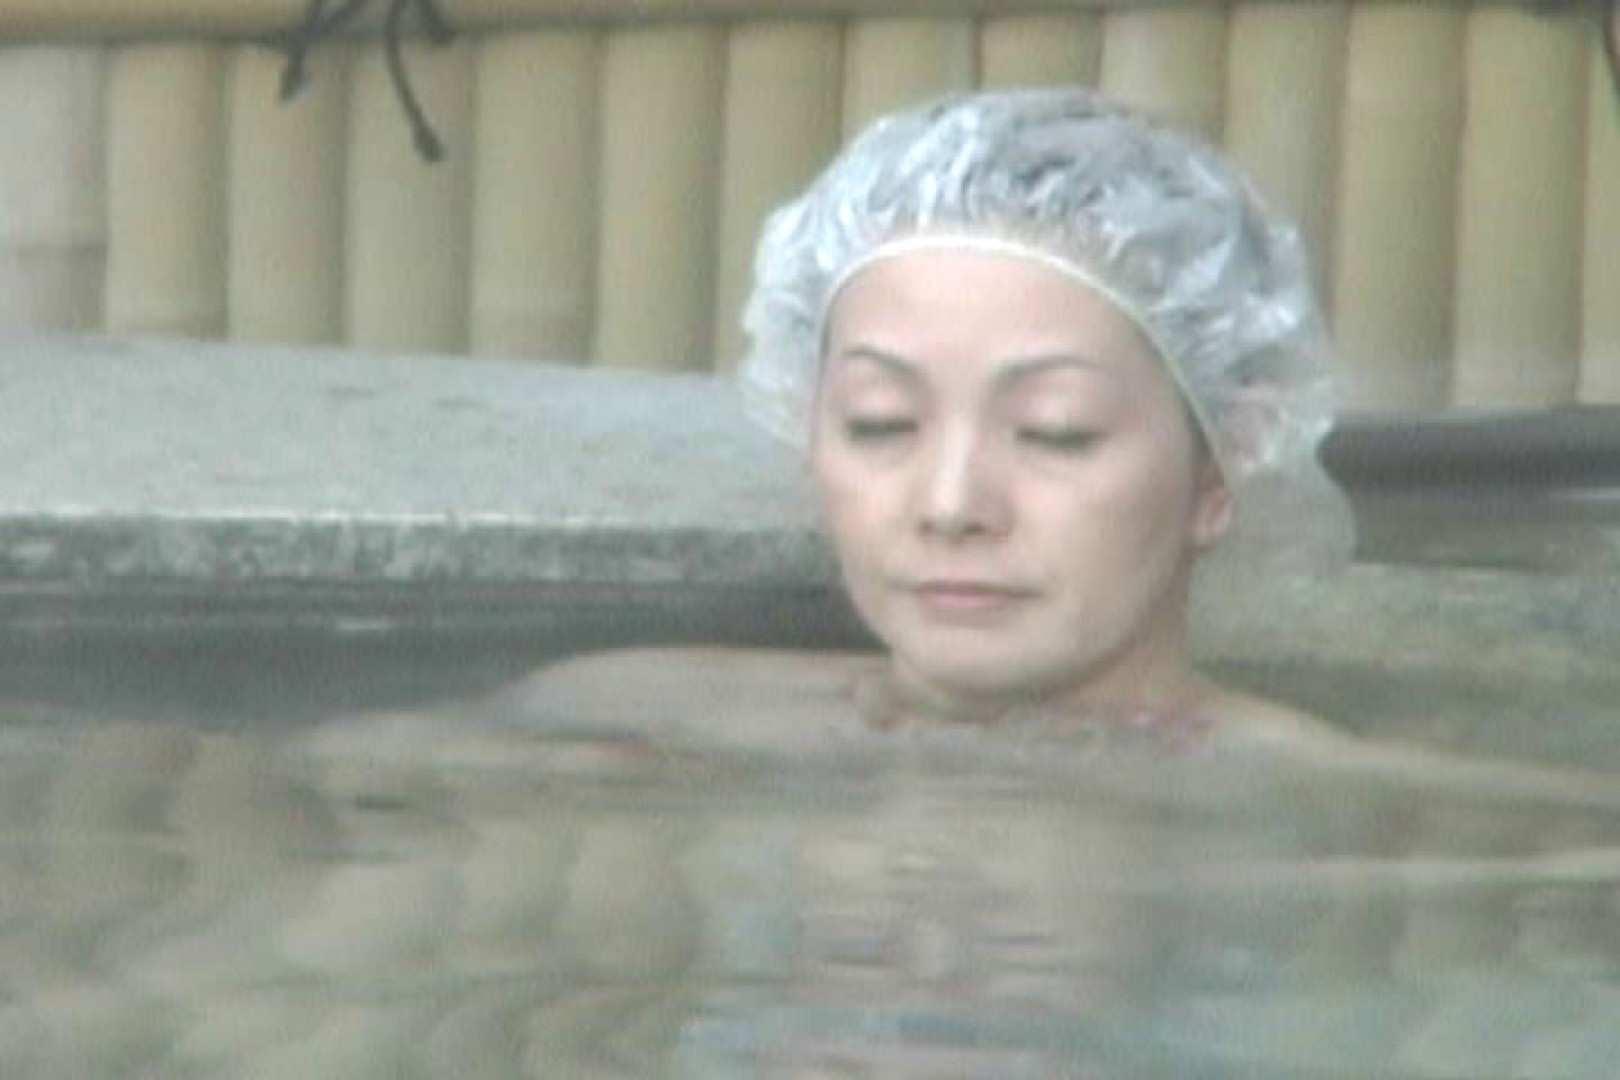 Aquaな露天風呂Vol.592 盗撮師作品 | 美しいOLの裸体  91pic 85